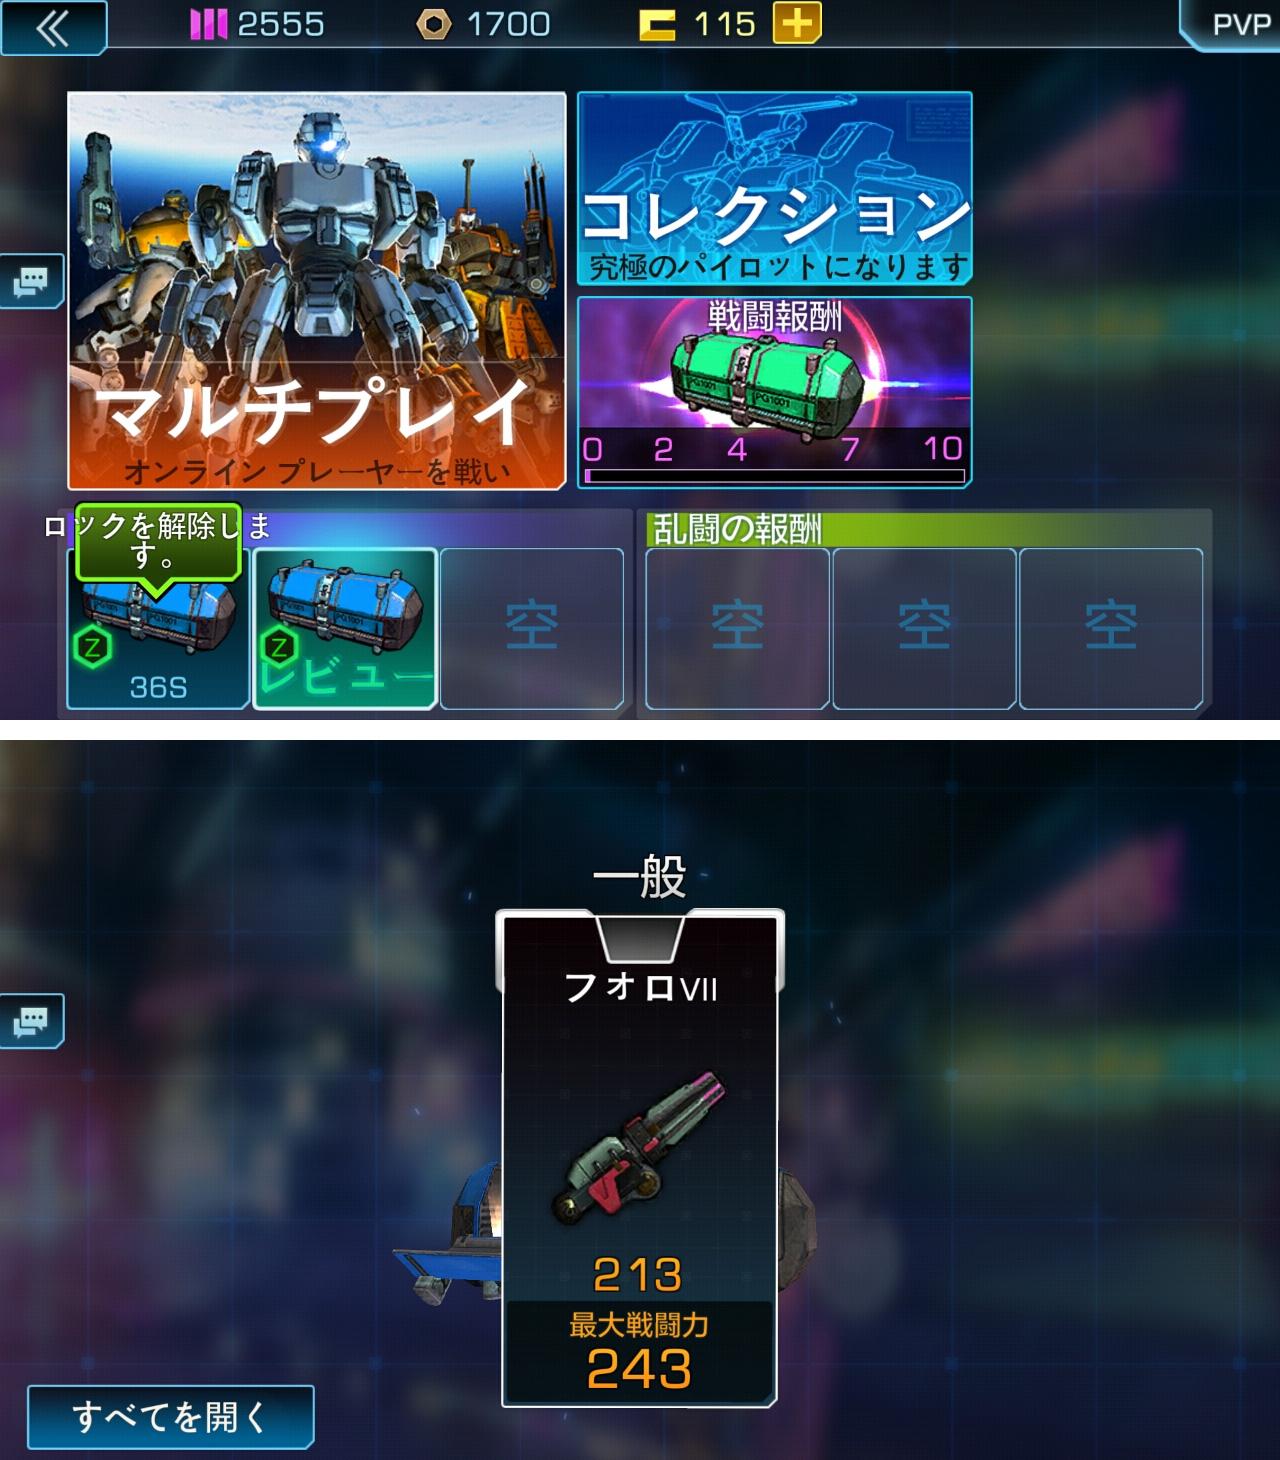 エキソギヤ 2 (ExoGears 2) androidアプリスクリーンショット3